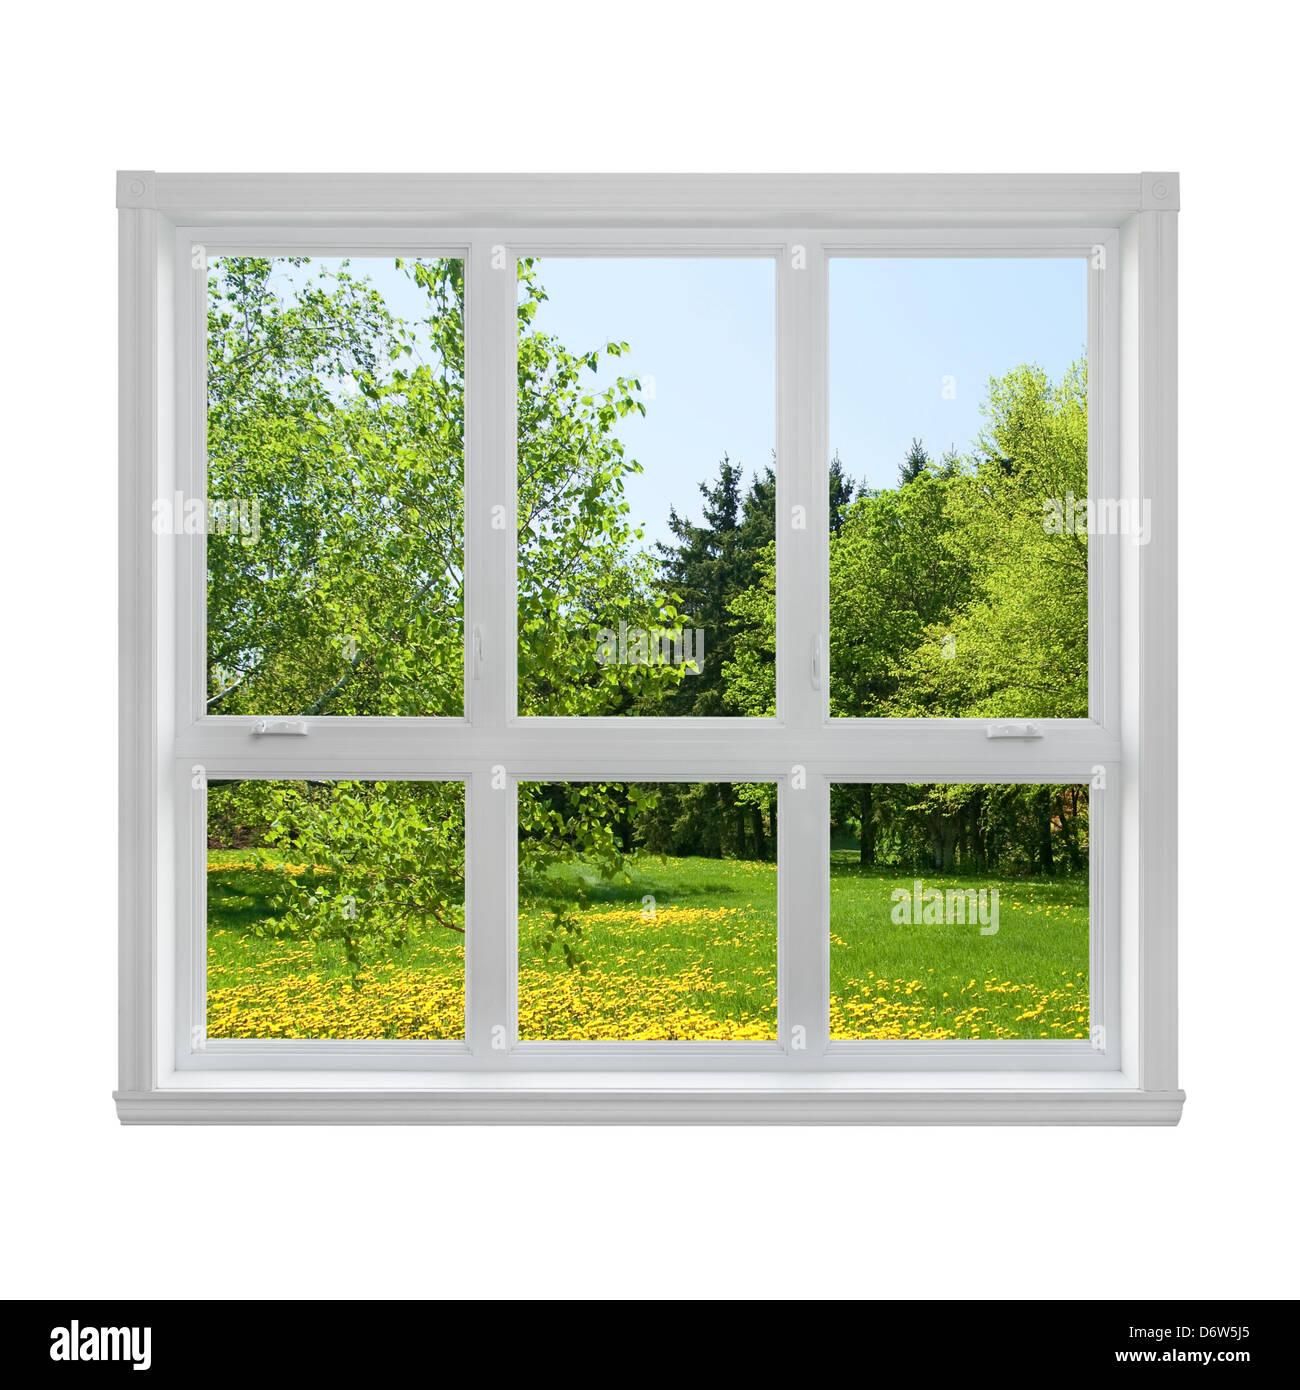 Frühjahr Löwenzahn Rasen und grünen Bäumen, die durch das Fenster gesehen. Stockbild